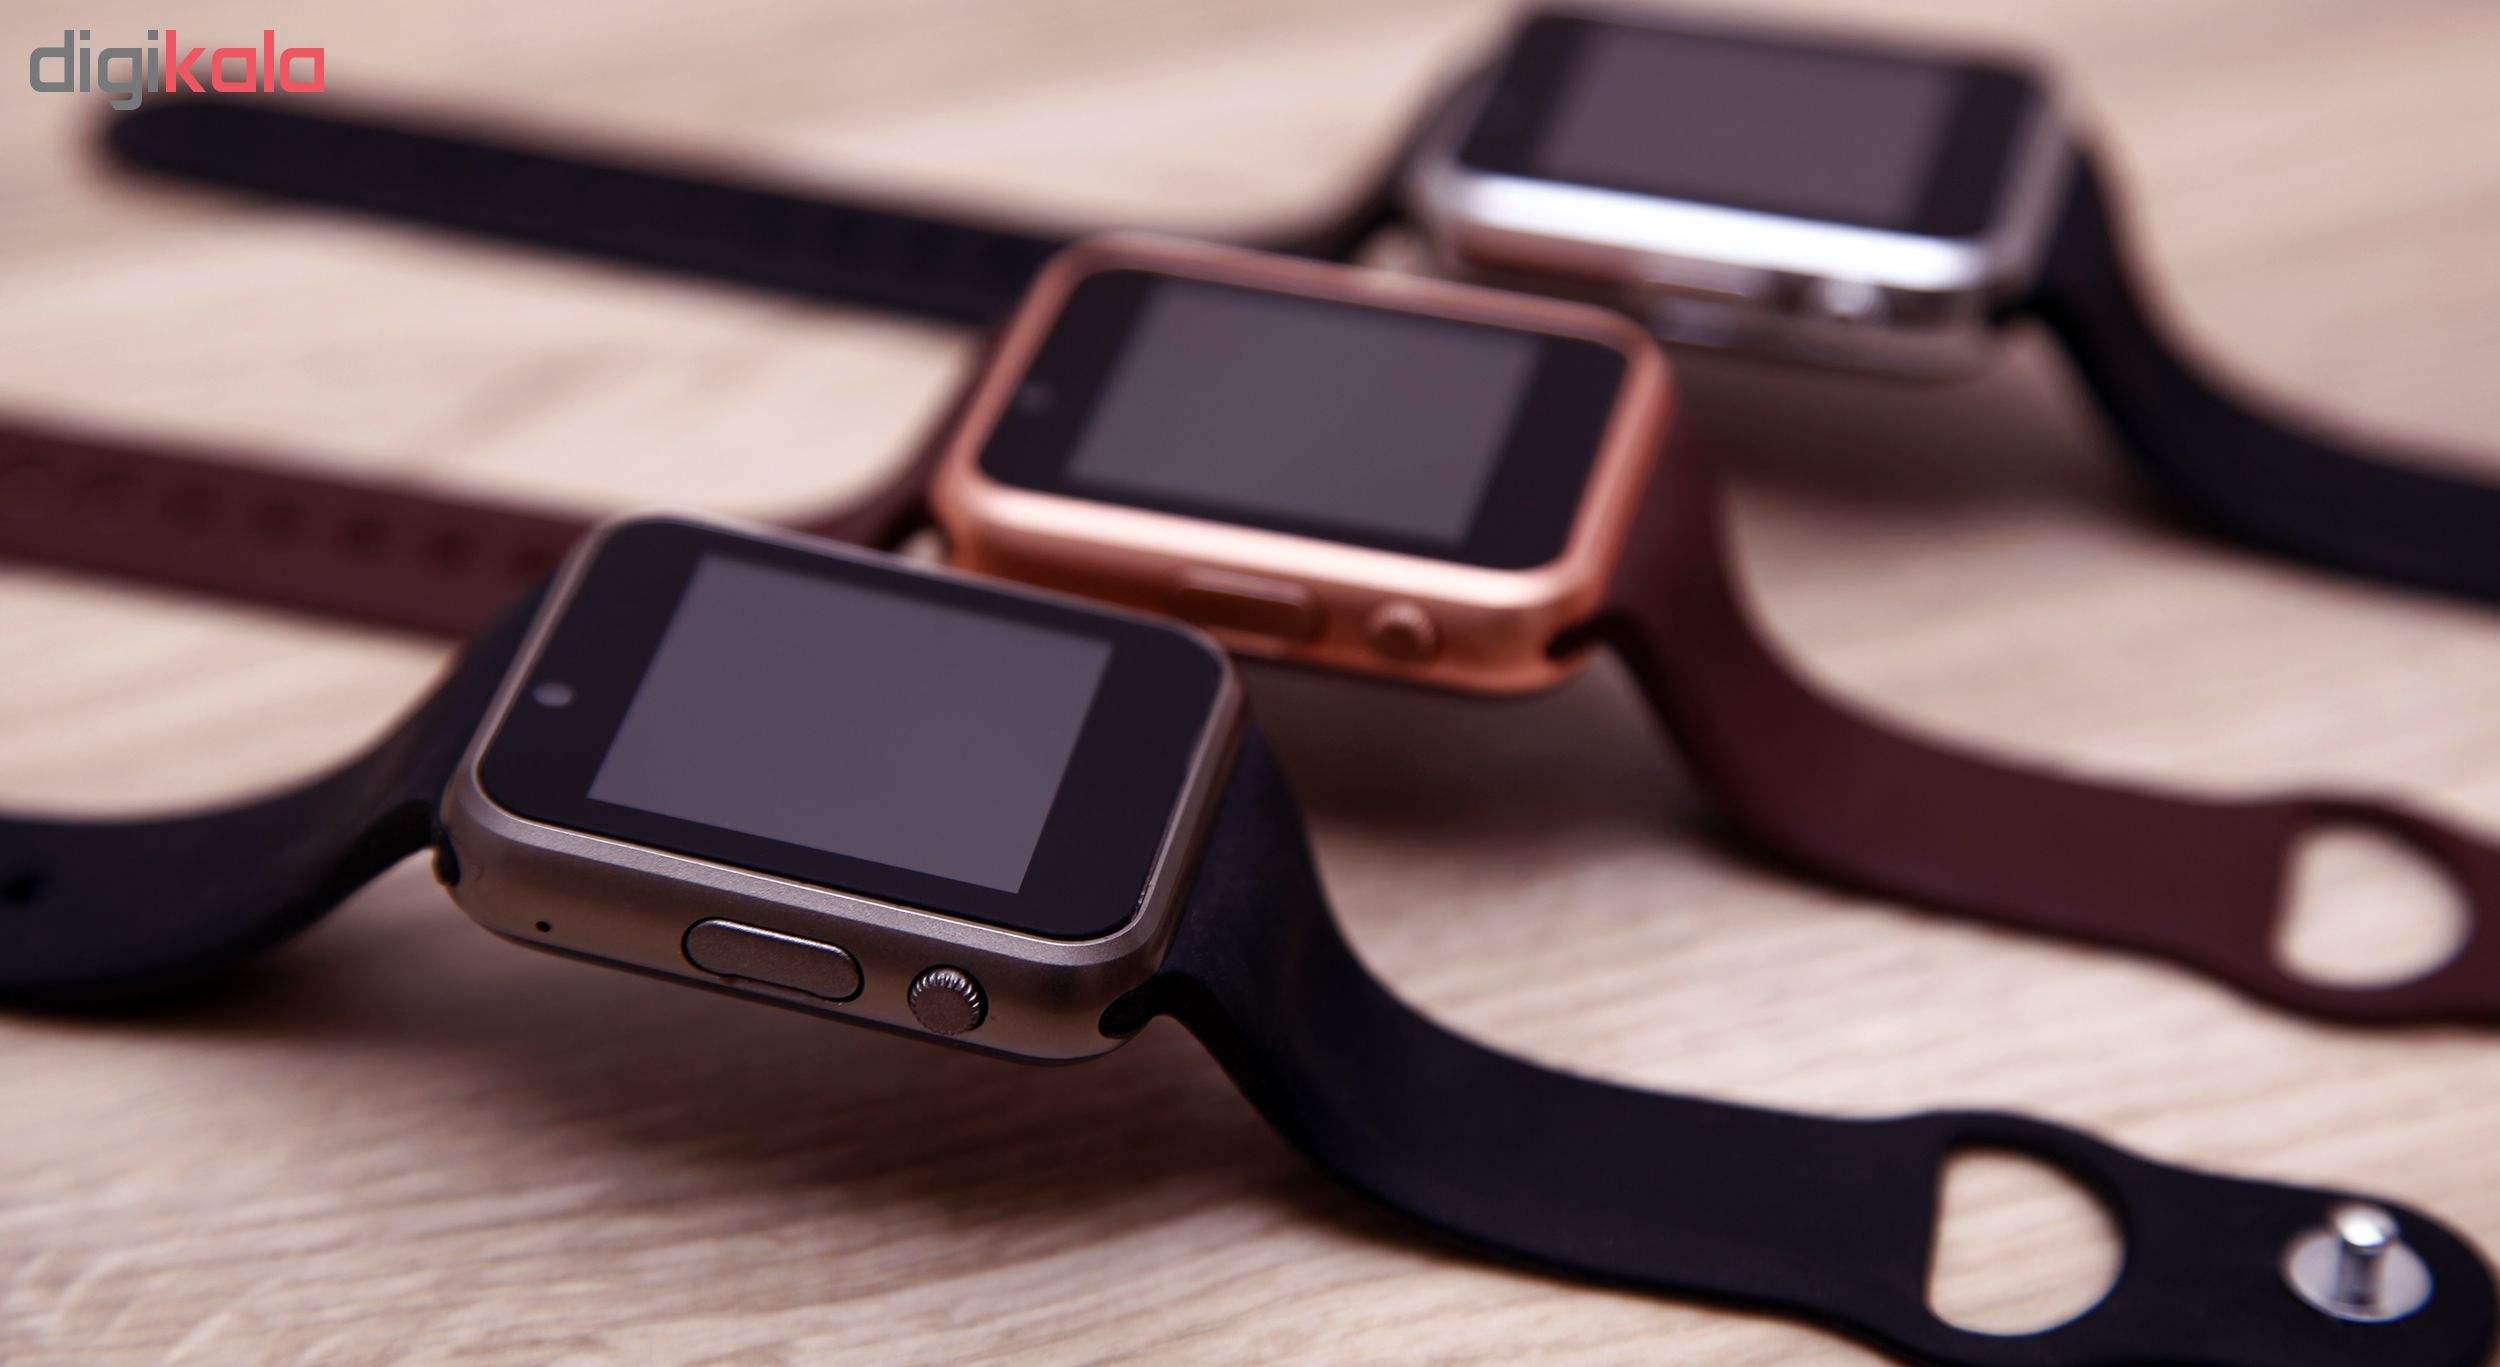 ساعت هوشمند جی تب مدل W101 main 1 9